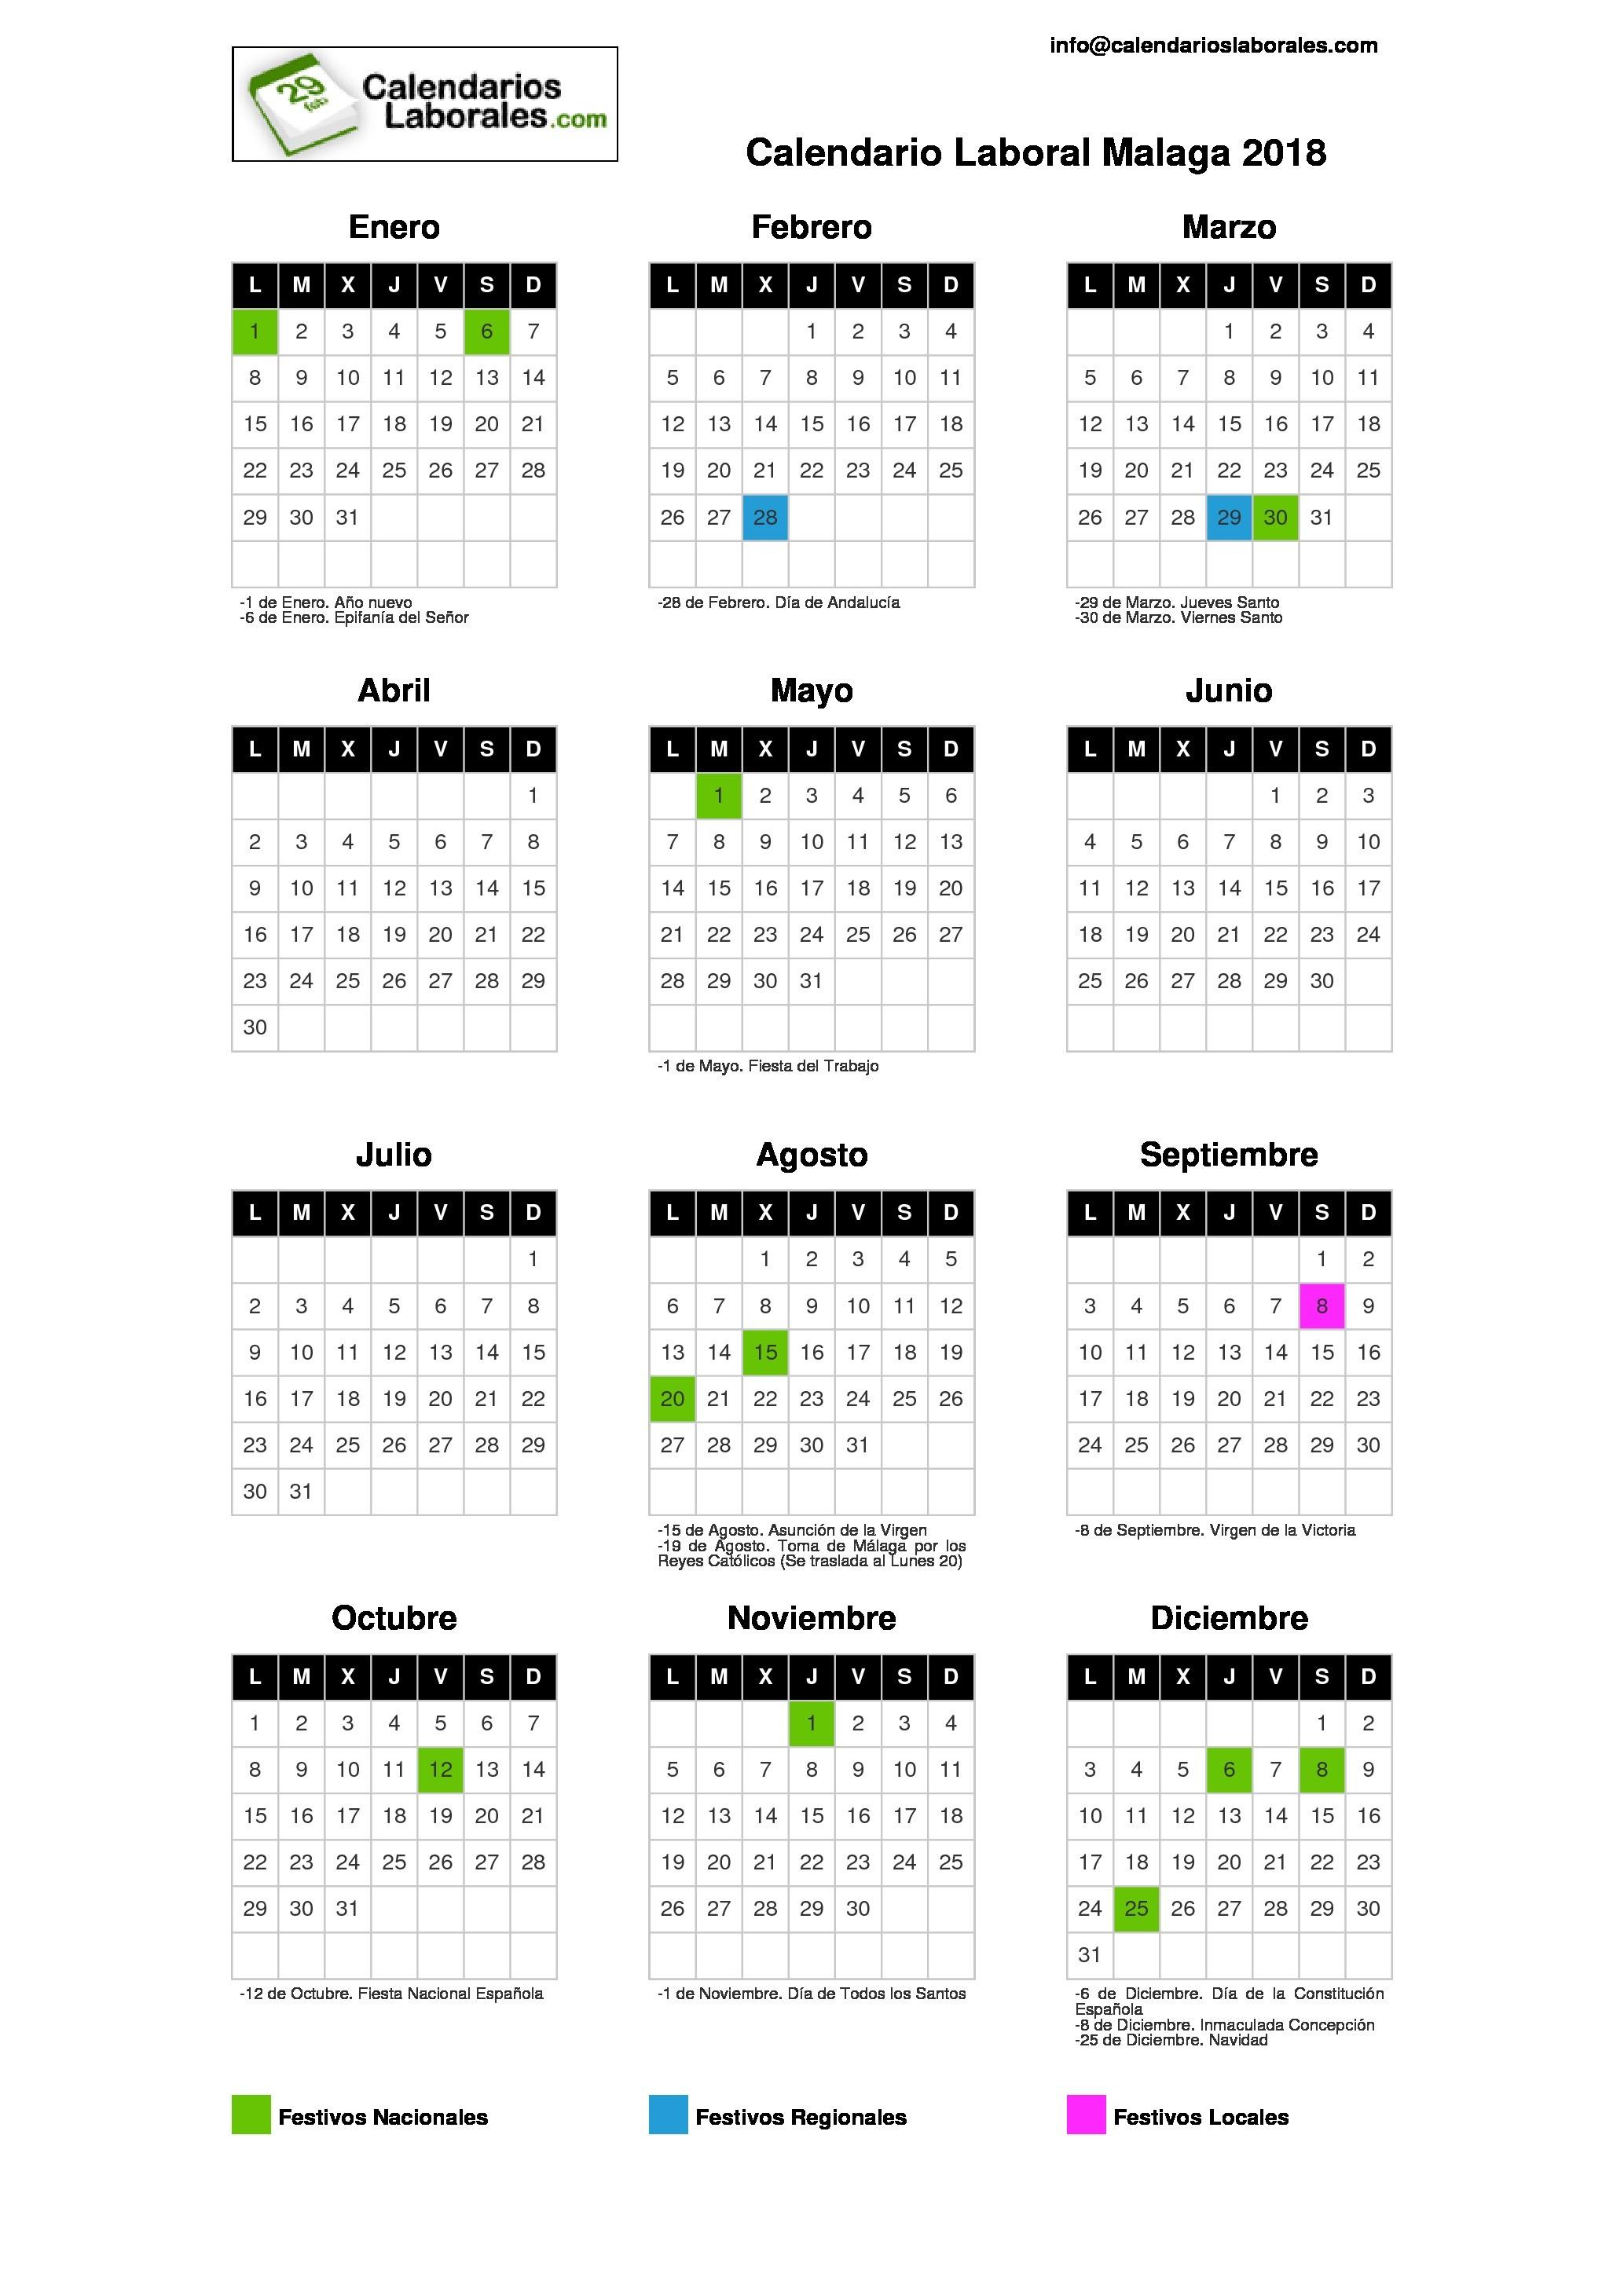 calendario 2018 con festivos